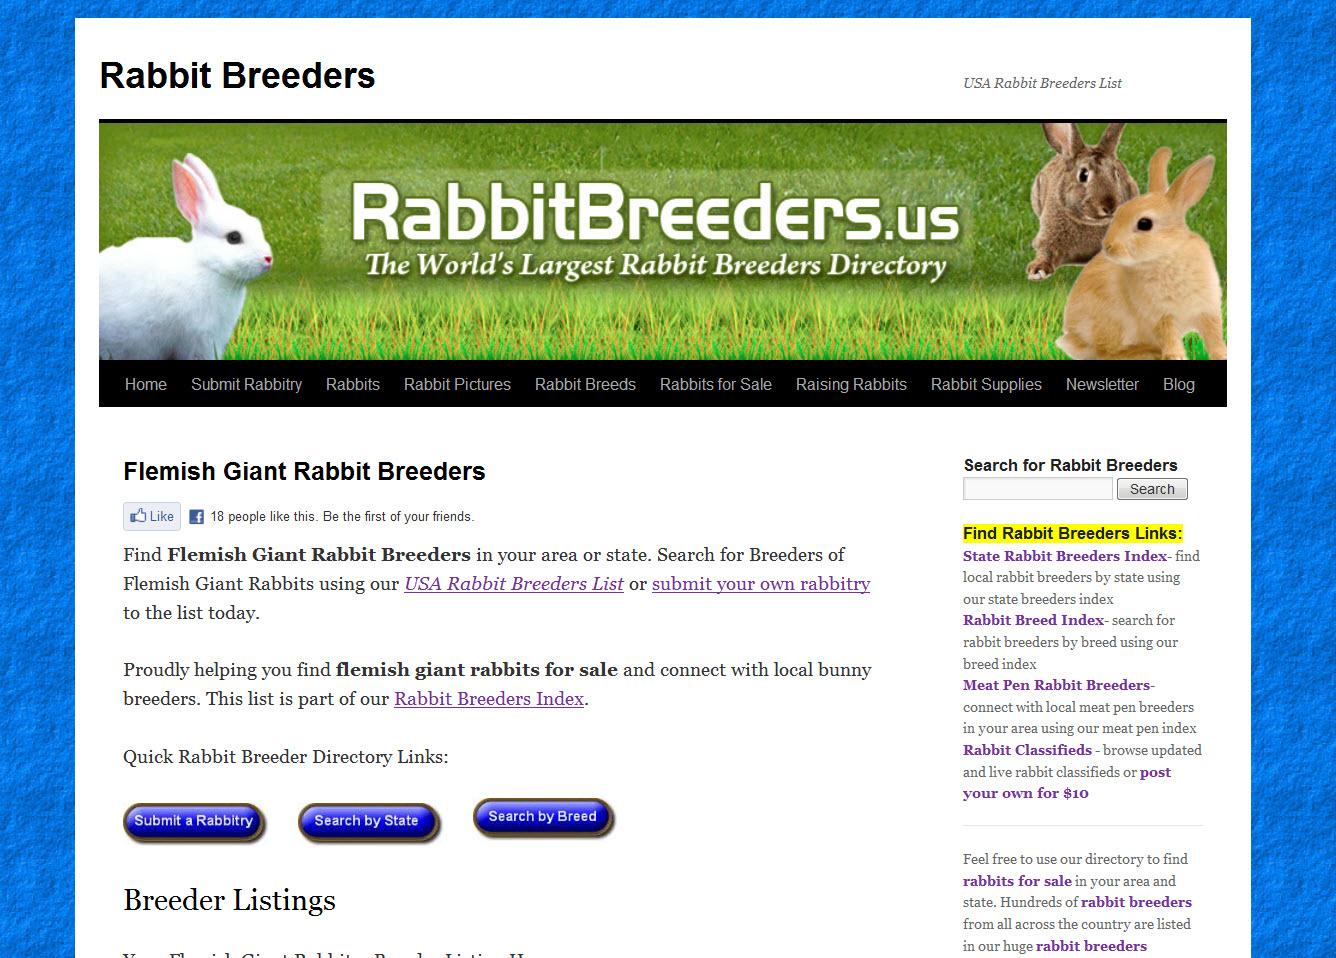 Flemish Giant Rabbit Breeders